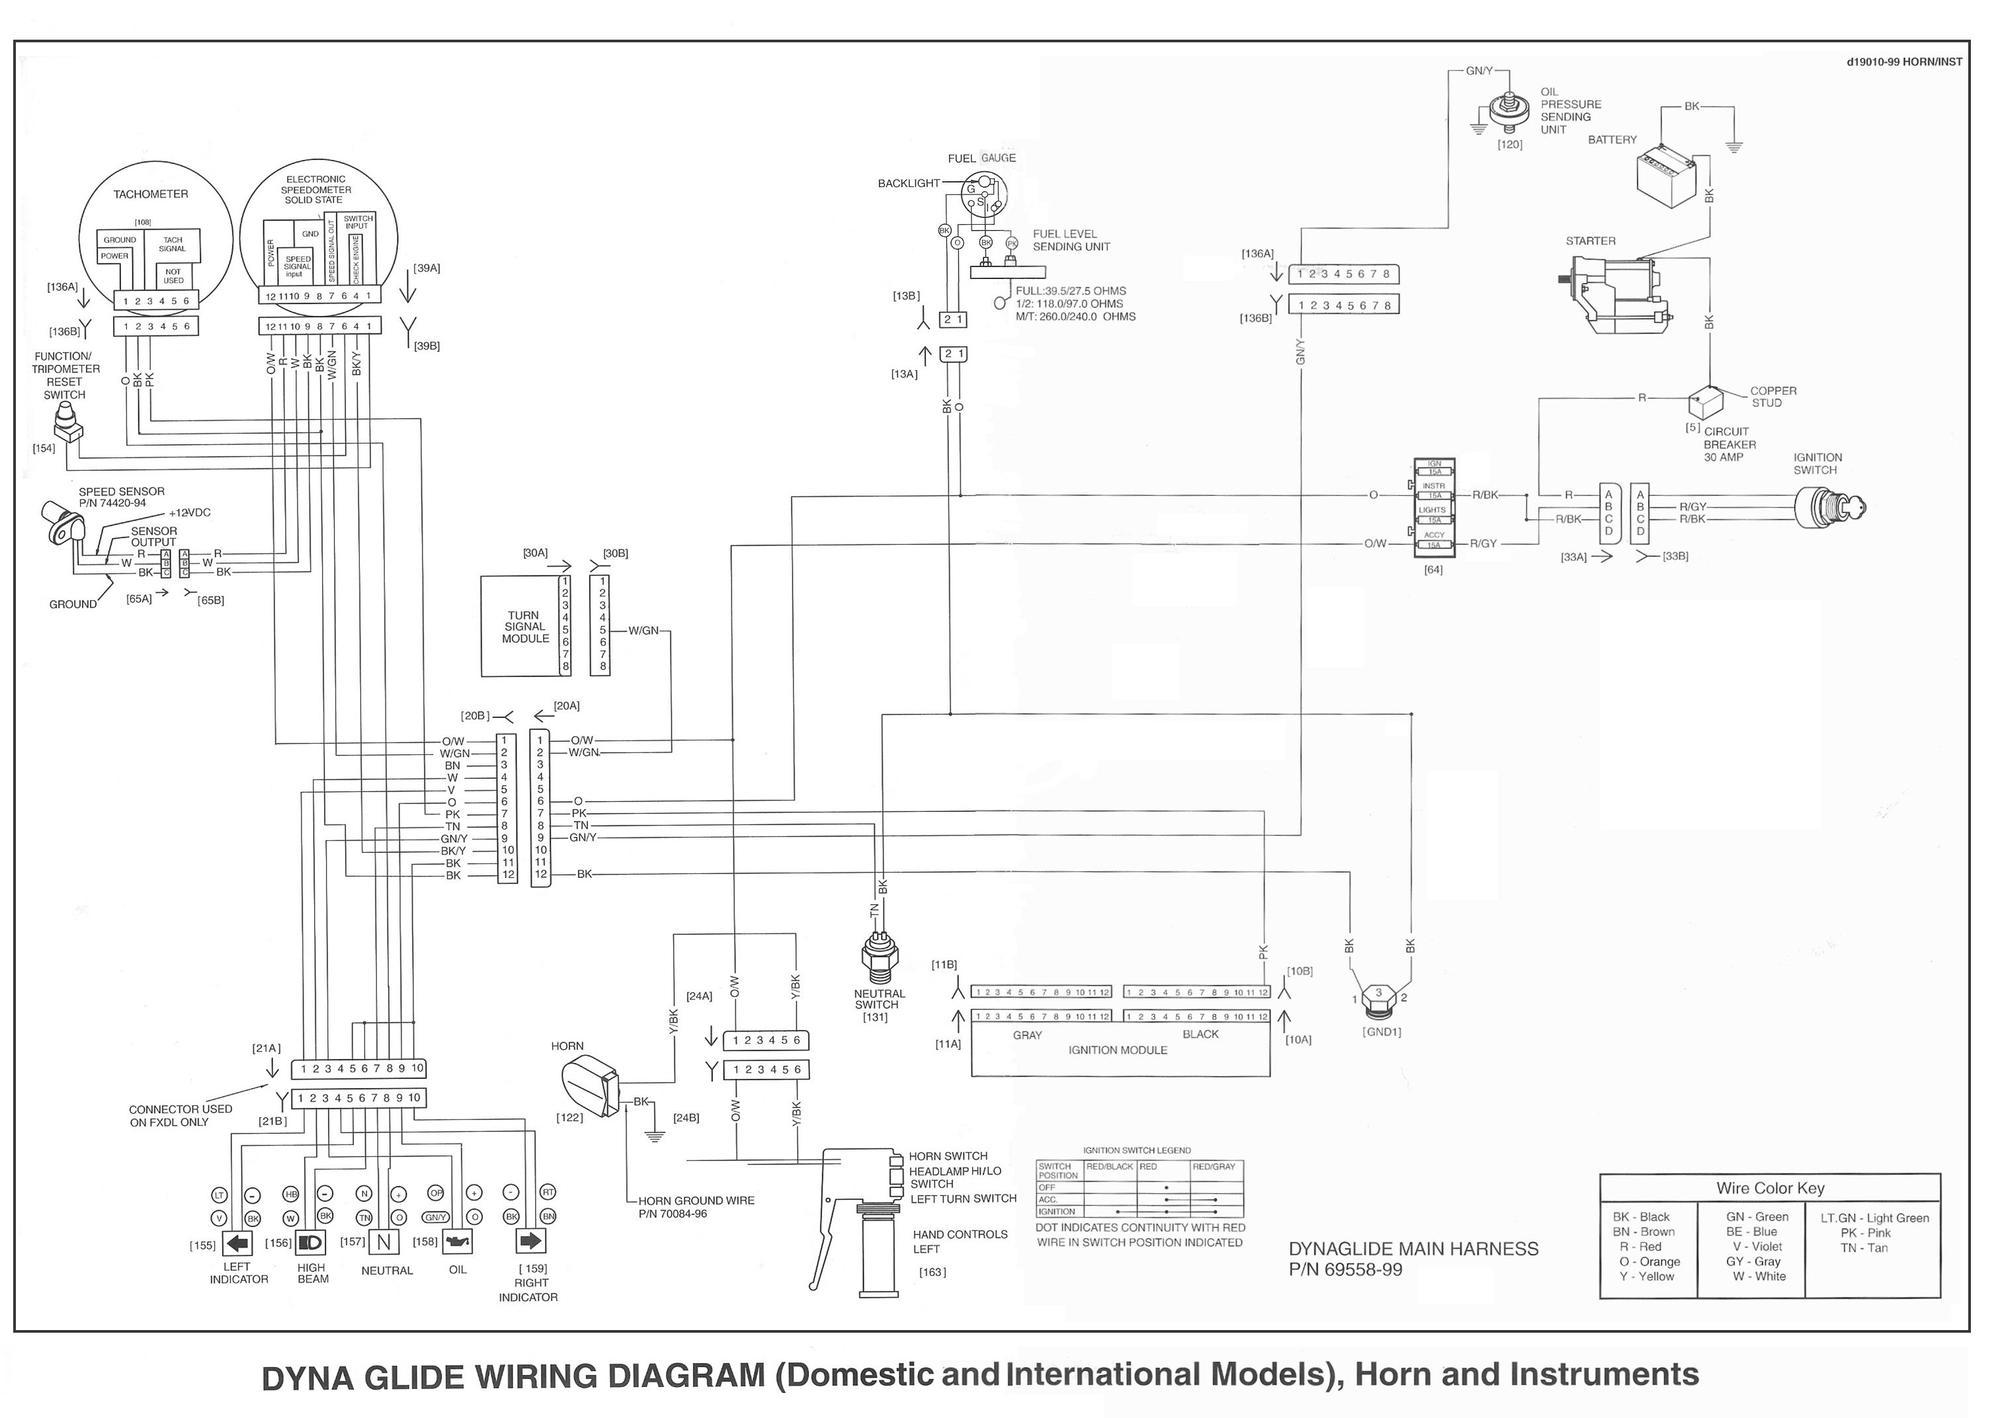 1998 Flstc Wiring Diagram | Wiring Schematic Diagram on